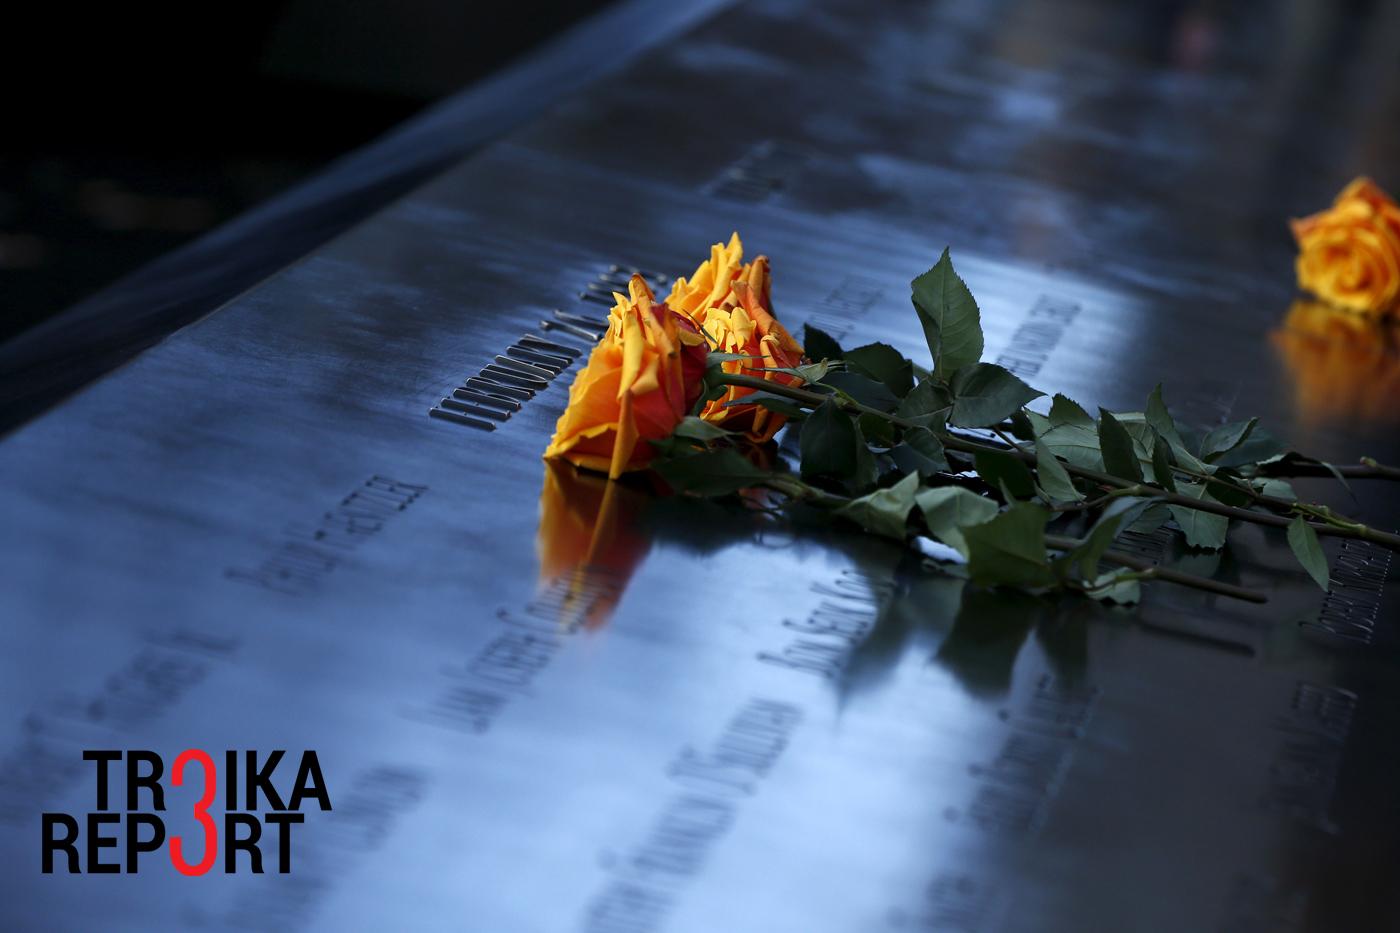 Rože v spominskem parku, postavljenem v spomin na napade 11. septembra. Vir: Reuters.